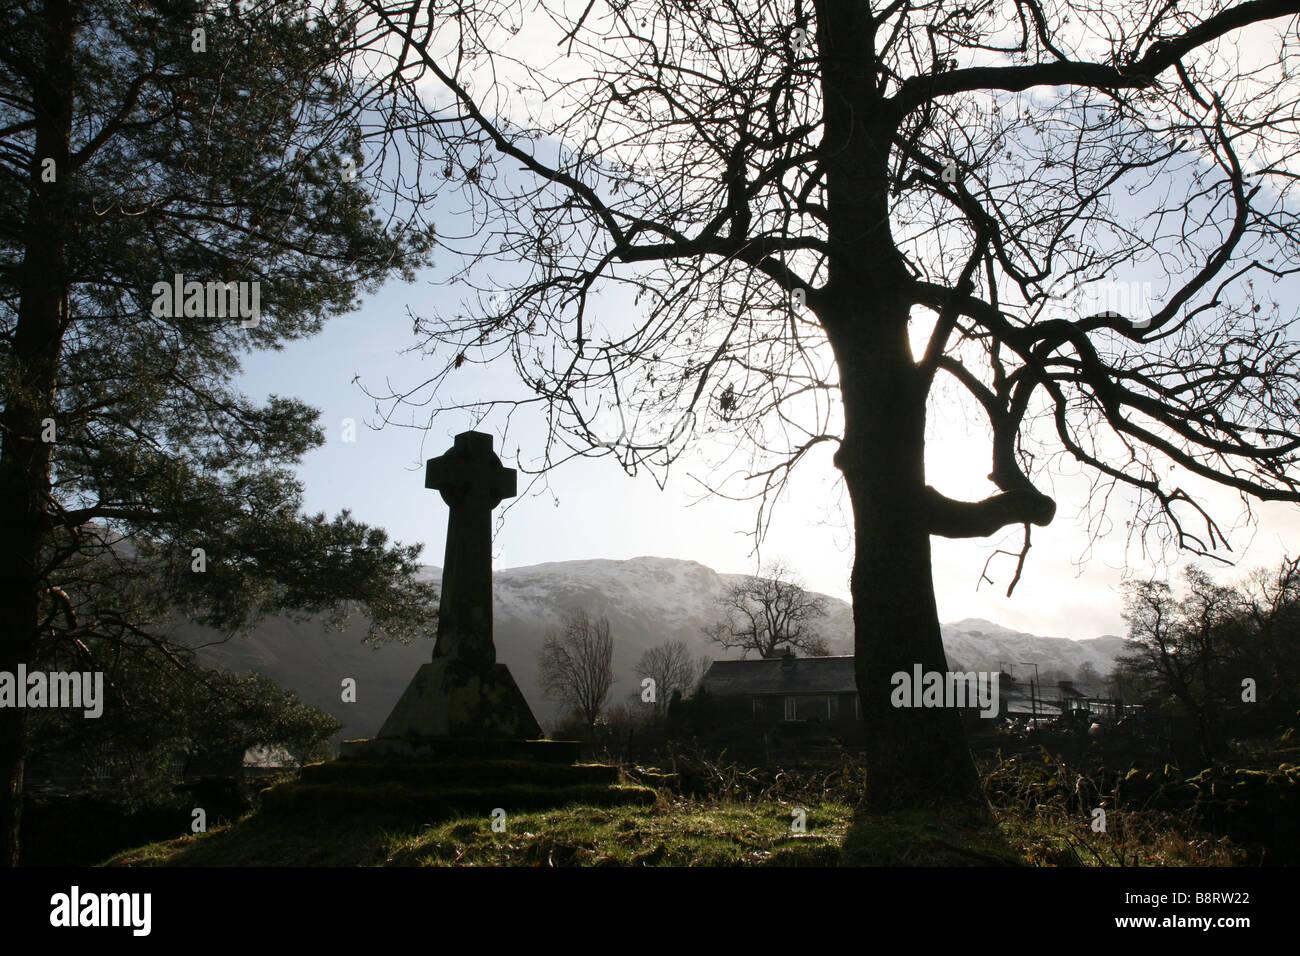 Tomba di pietra e albero nella luce del mattino Immagini Stock